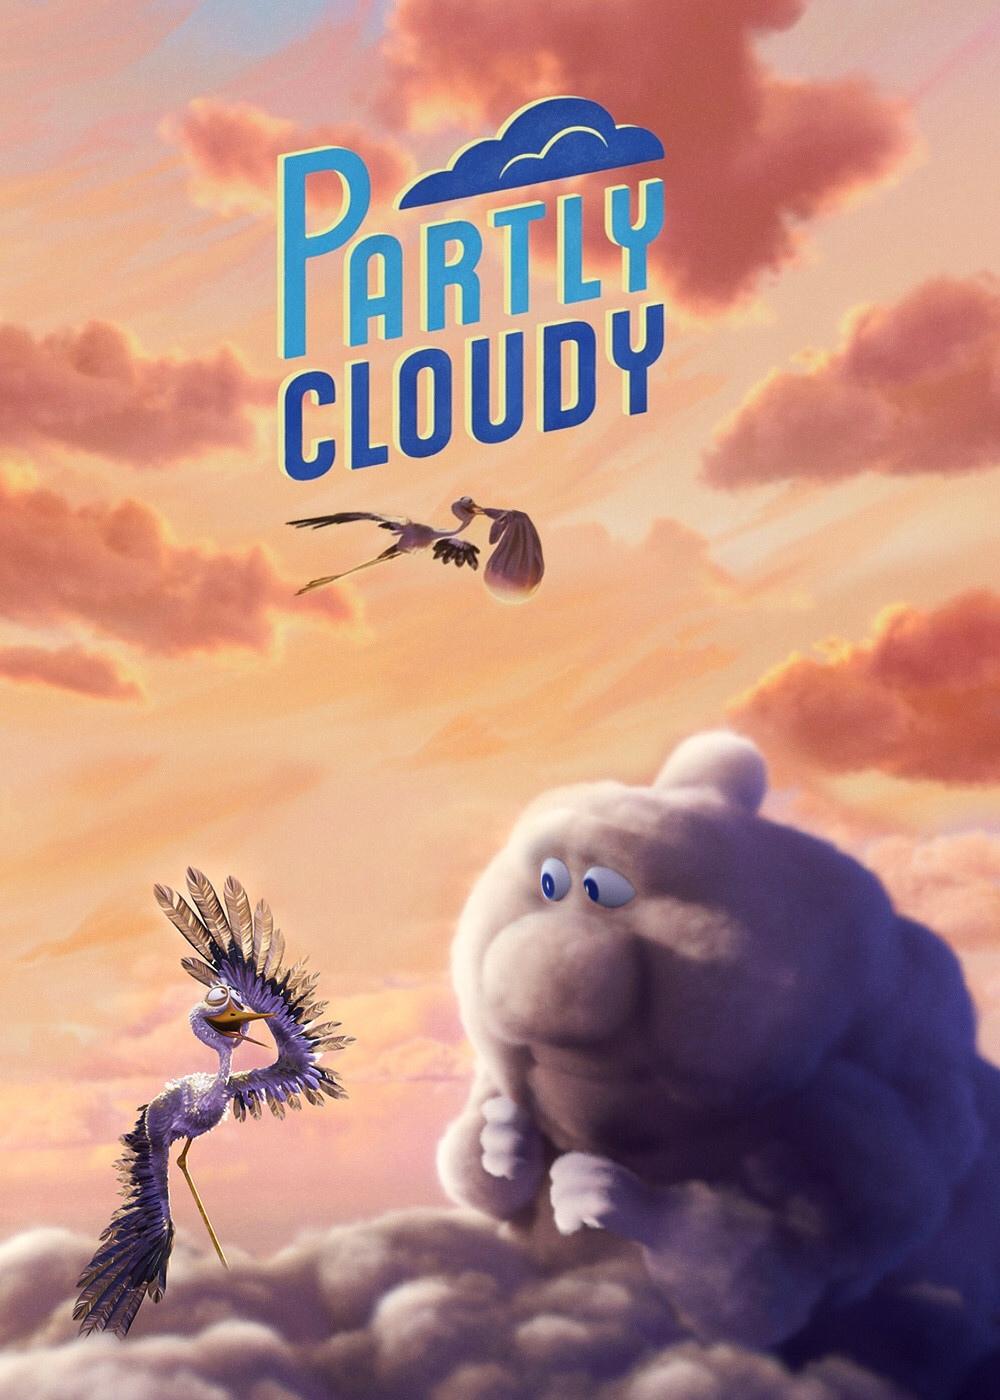 pixar disney affiche poster passages nuageaux partly cloudy